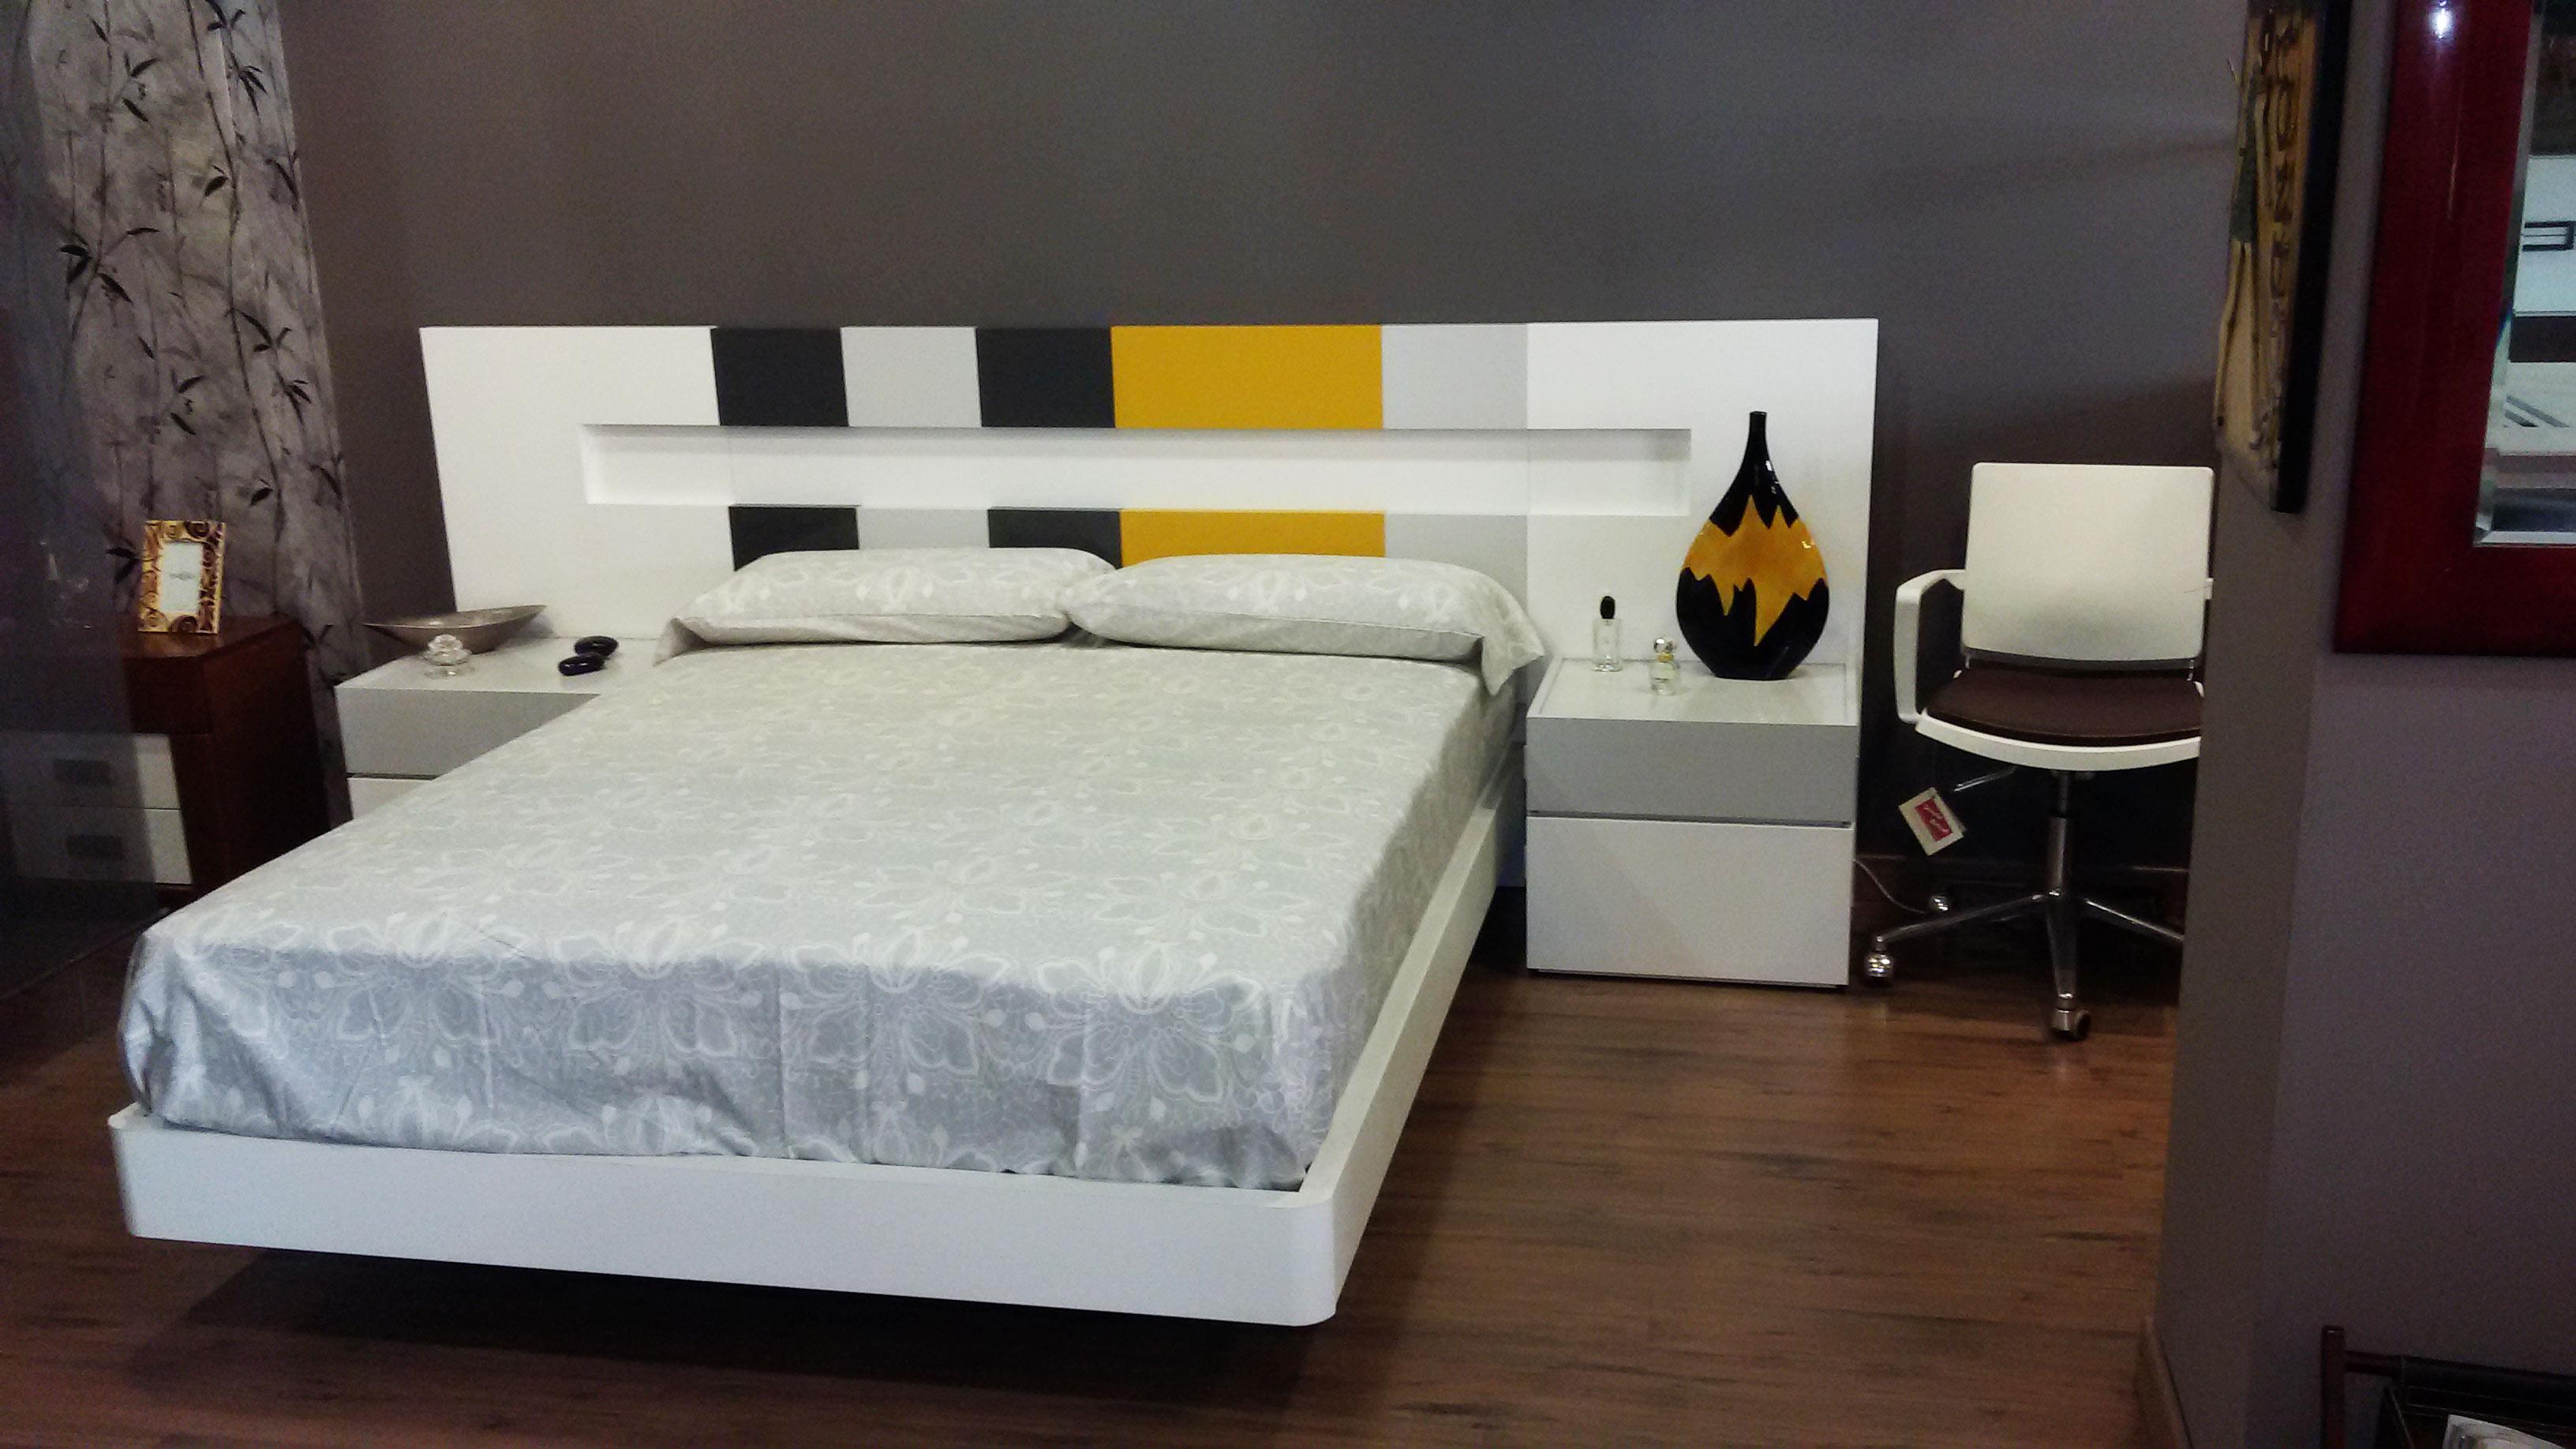 Muebles en fuenlabrada dormitorios juveniles en fuenlabrada for Momento actual muebles